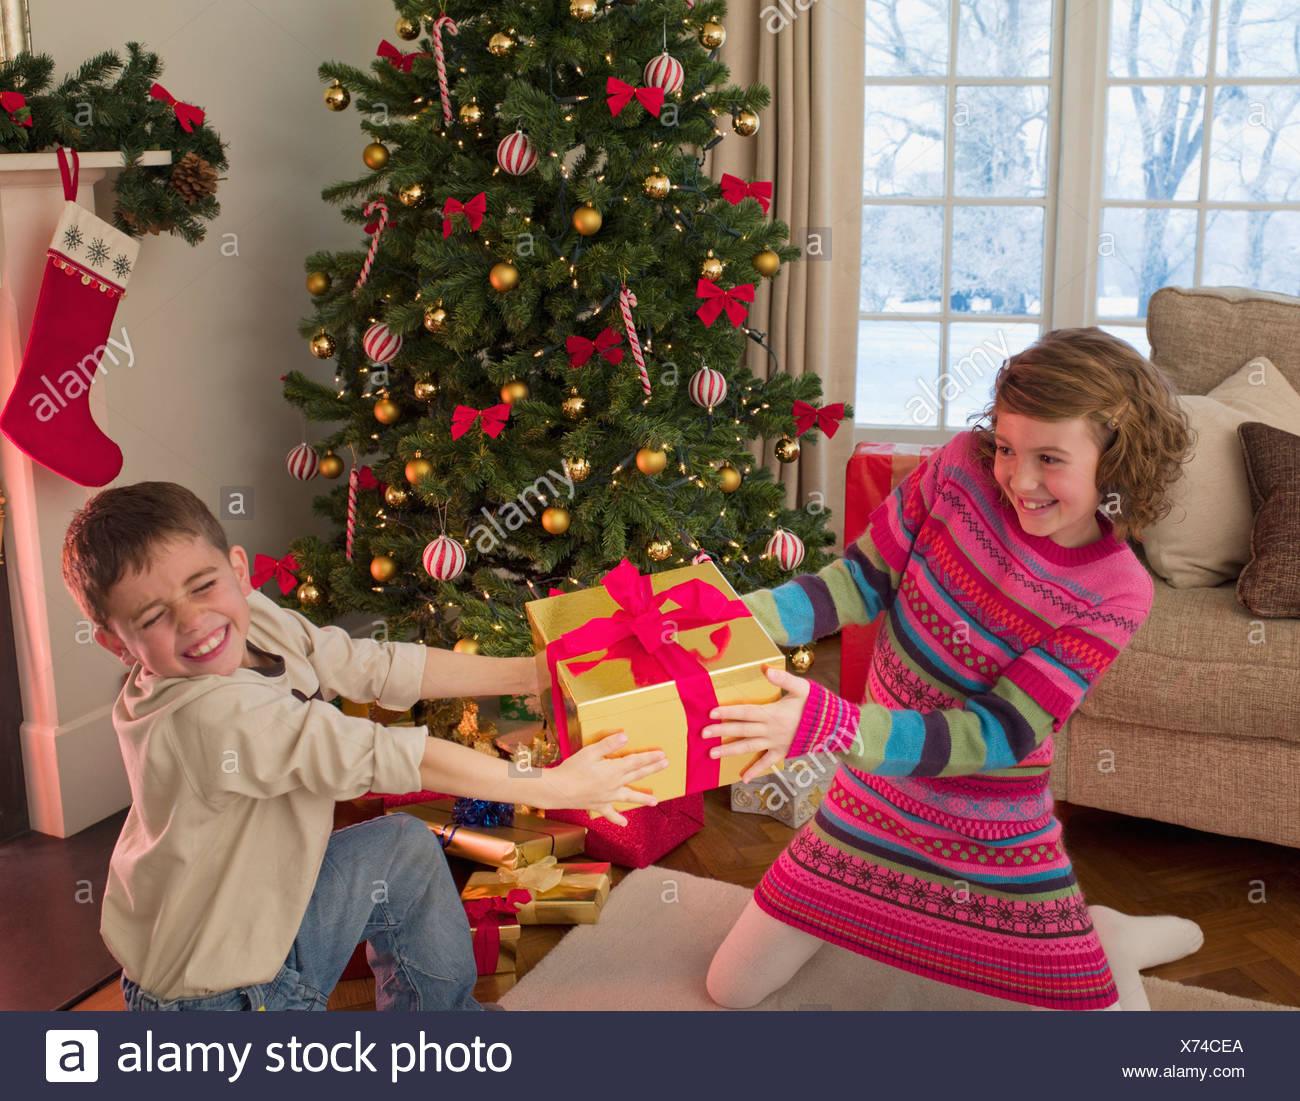 Chico y chica se tiran en su regalo de Navidad en el salón Imagen De Stock